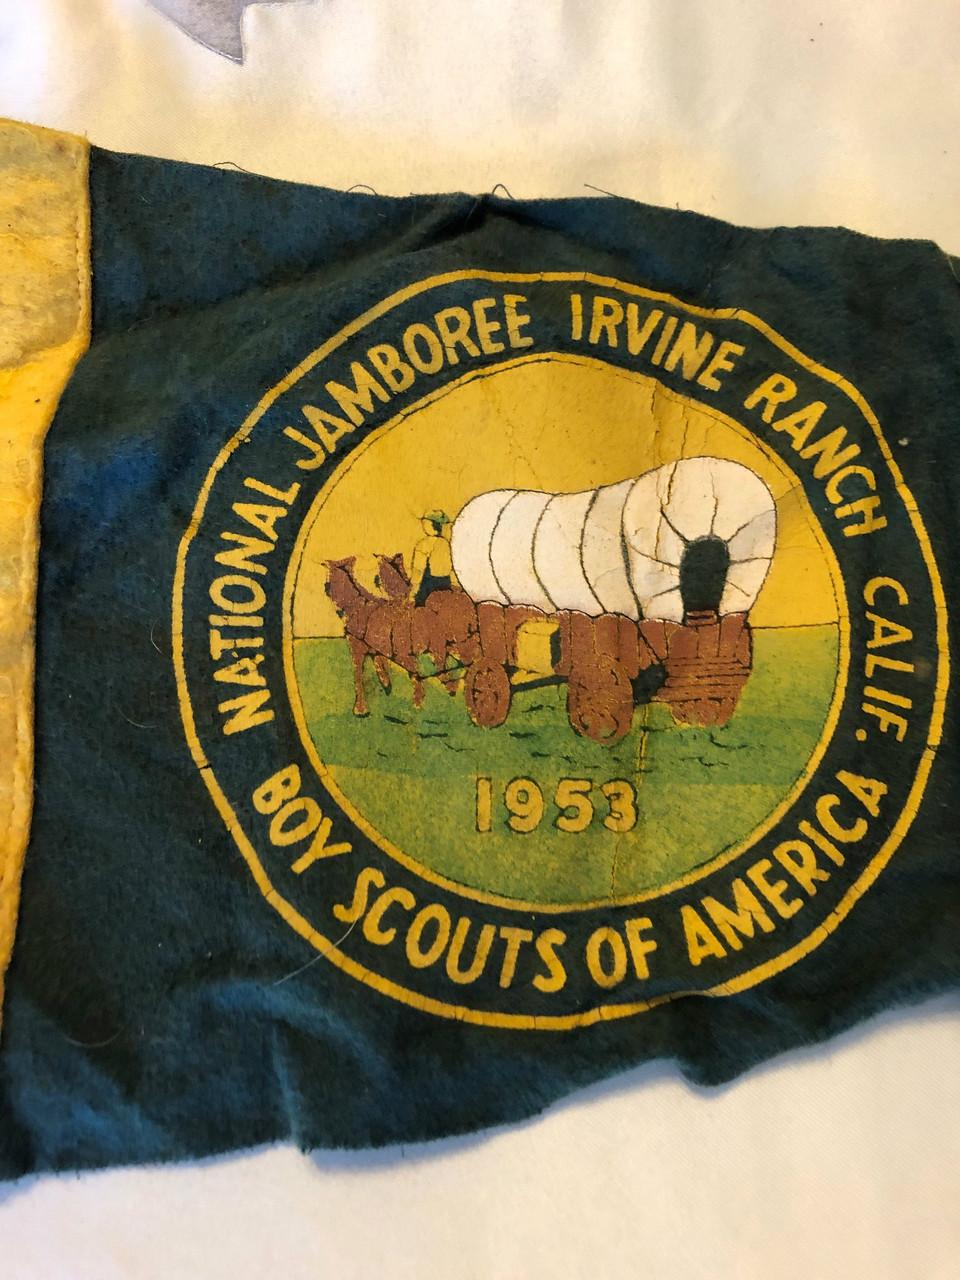 1953 National Jamboree Pennant, used